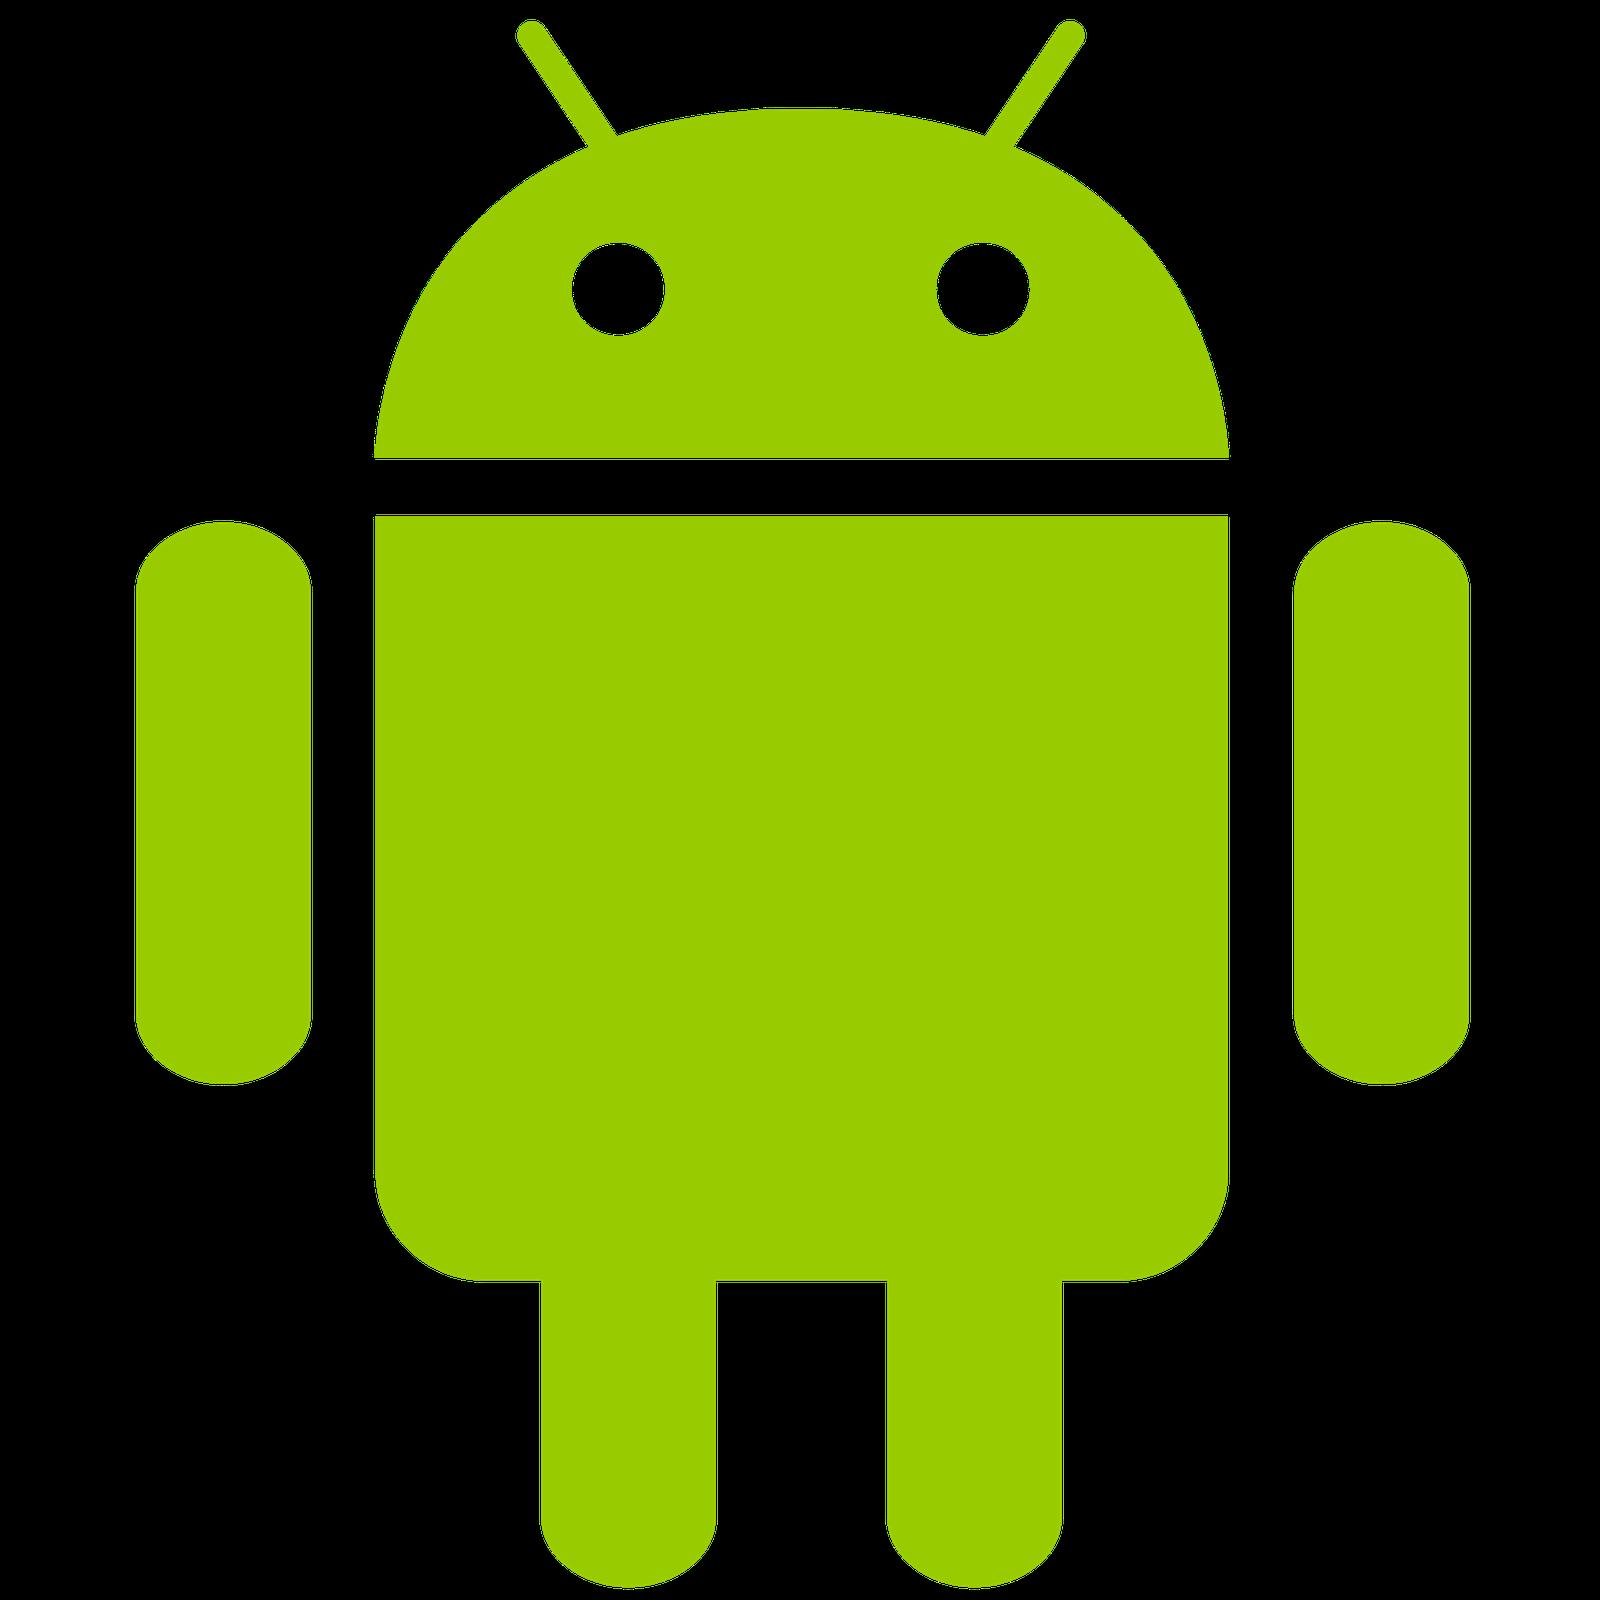 Как сделать в андроиде белый фон